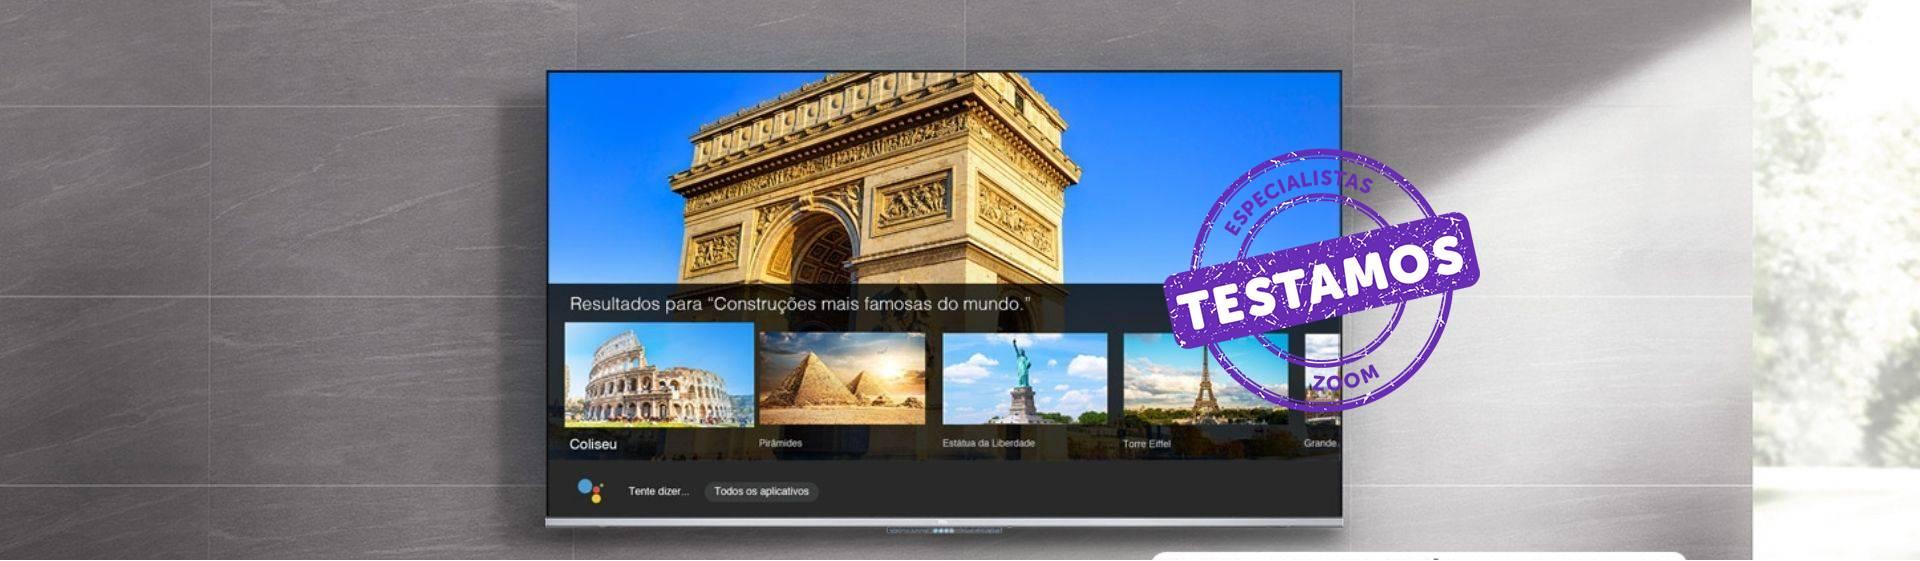 TCL P715: TV 4K de entrada com comando de voz